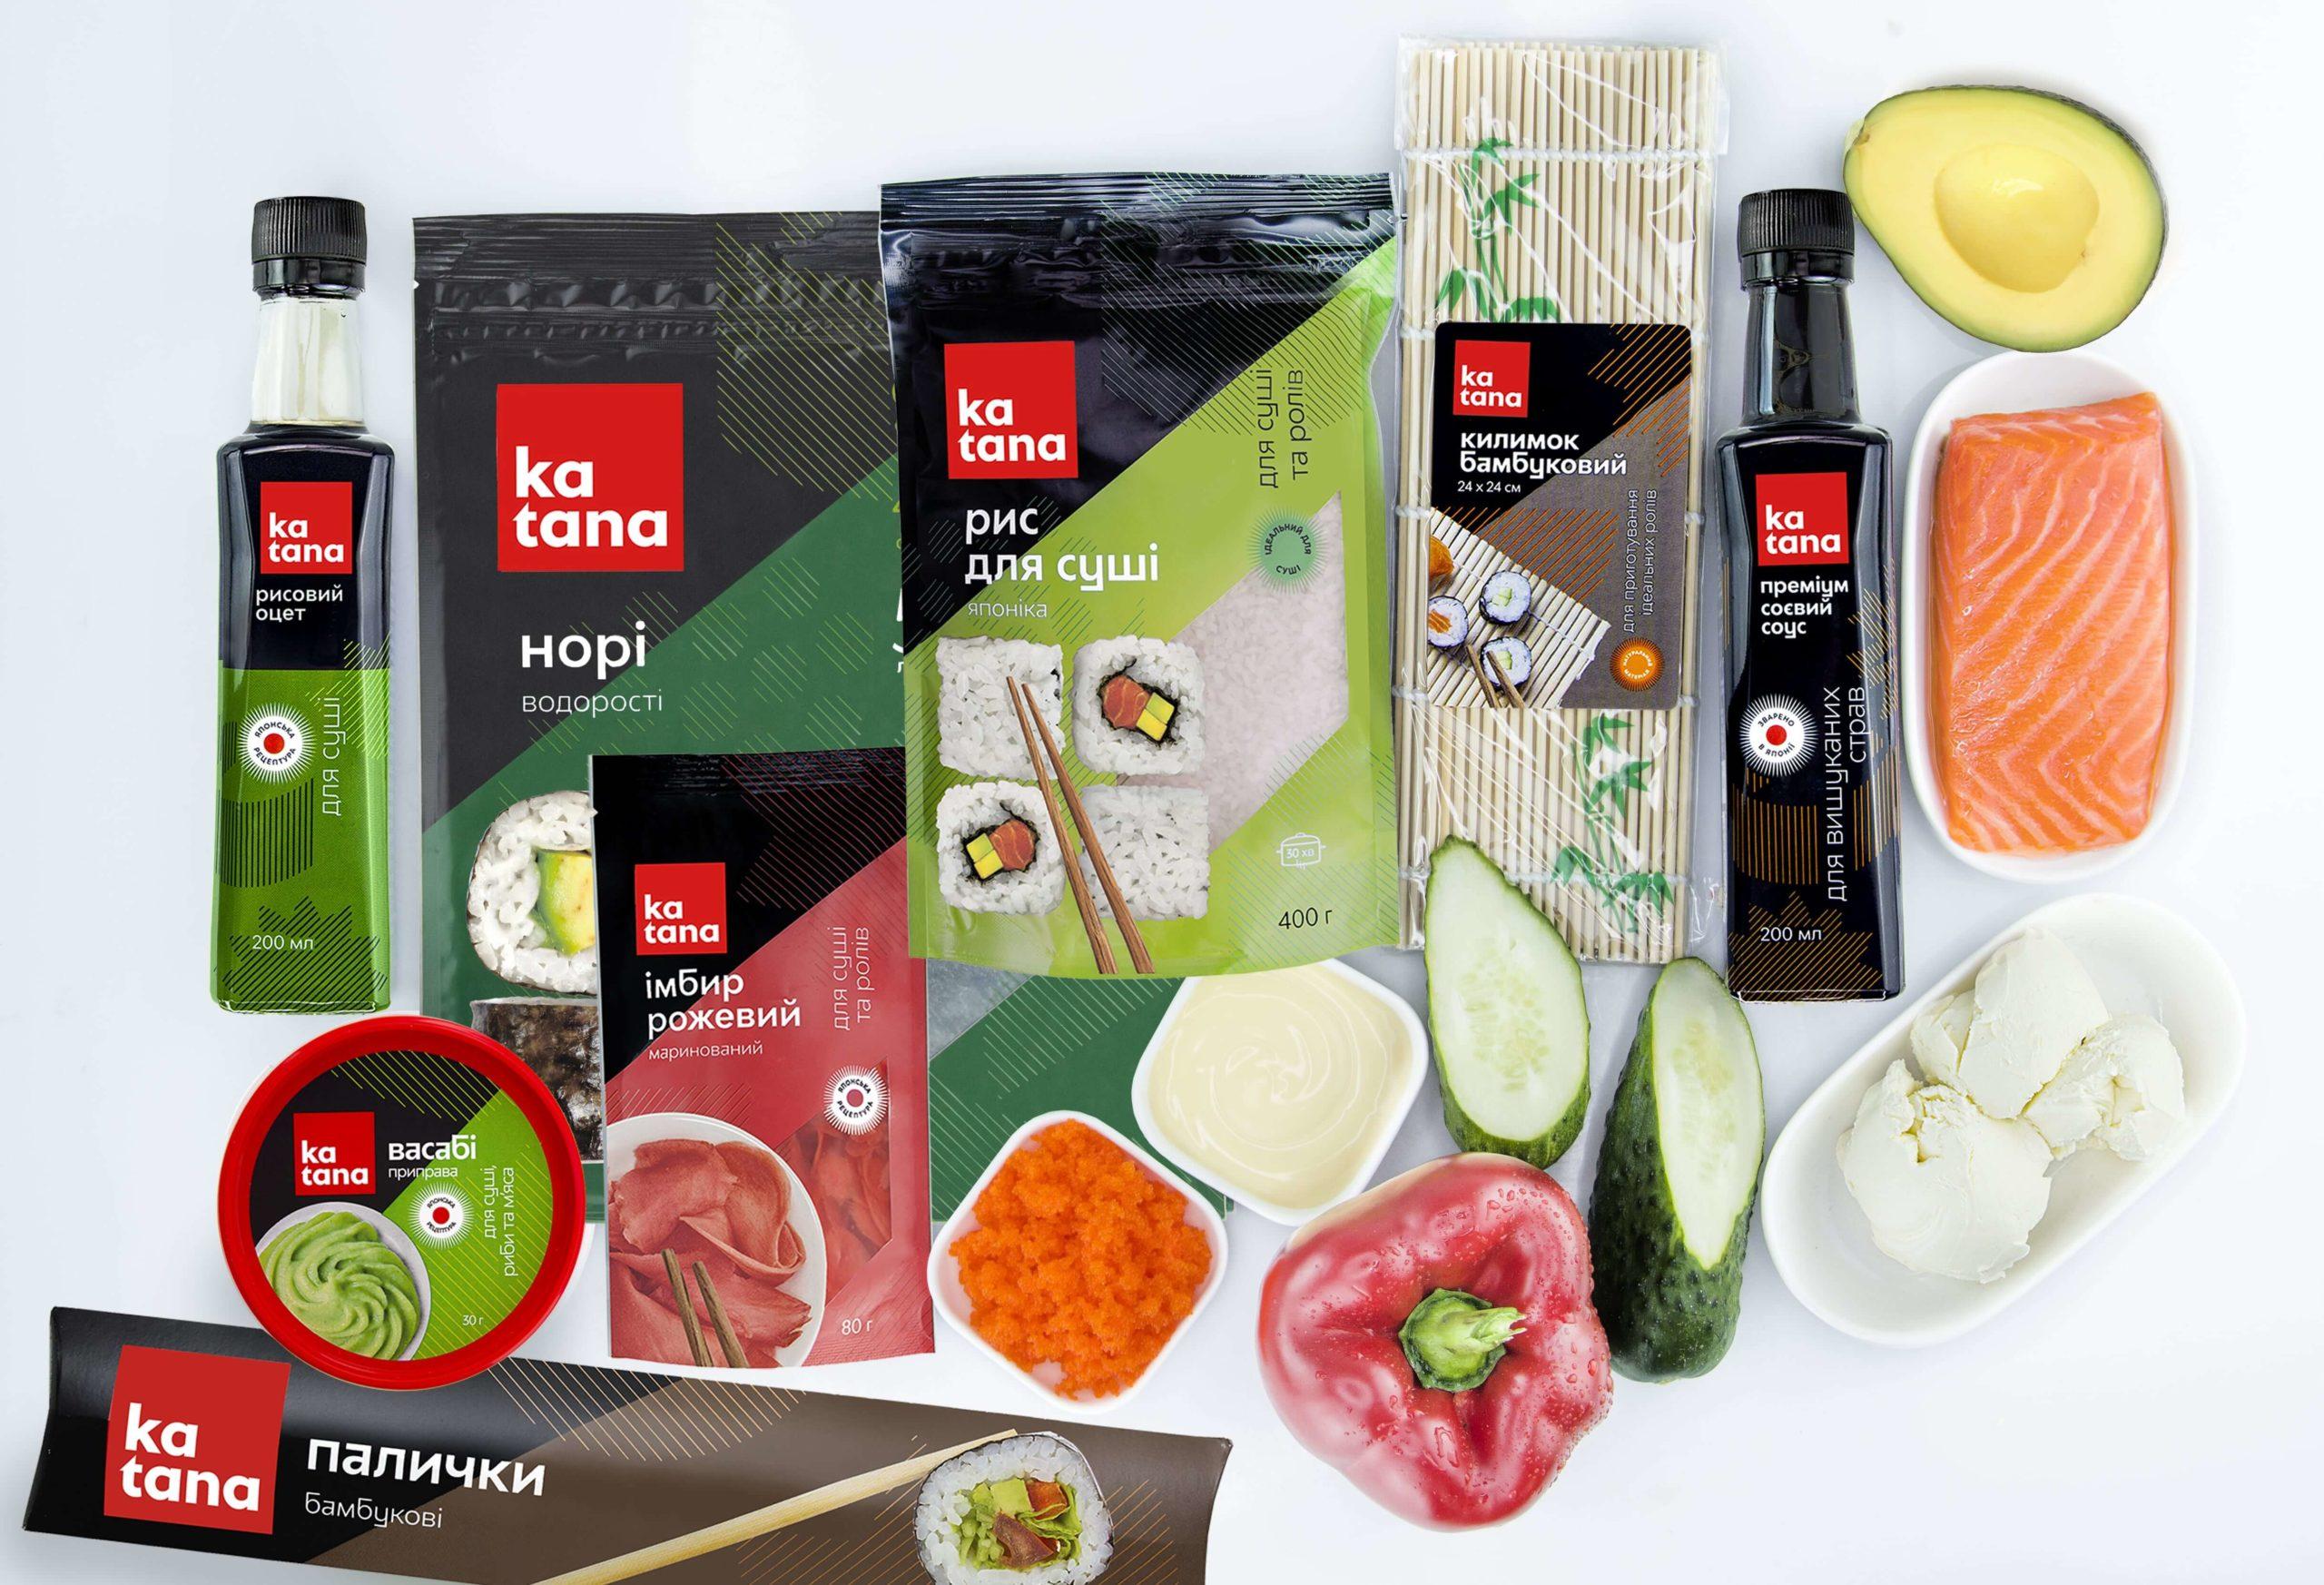 Ингредиенты Katana